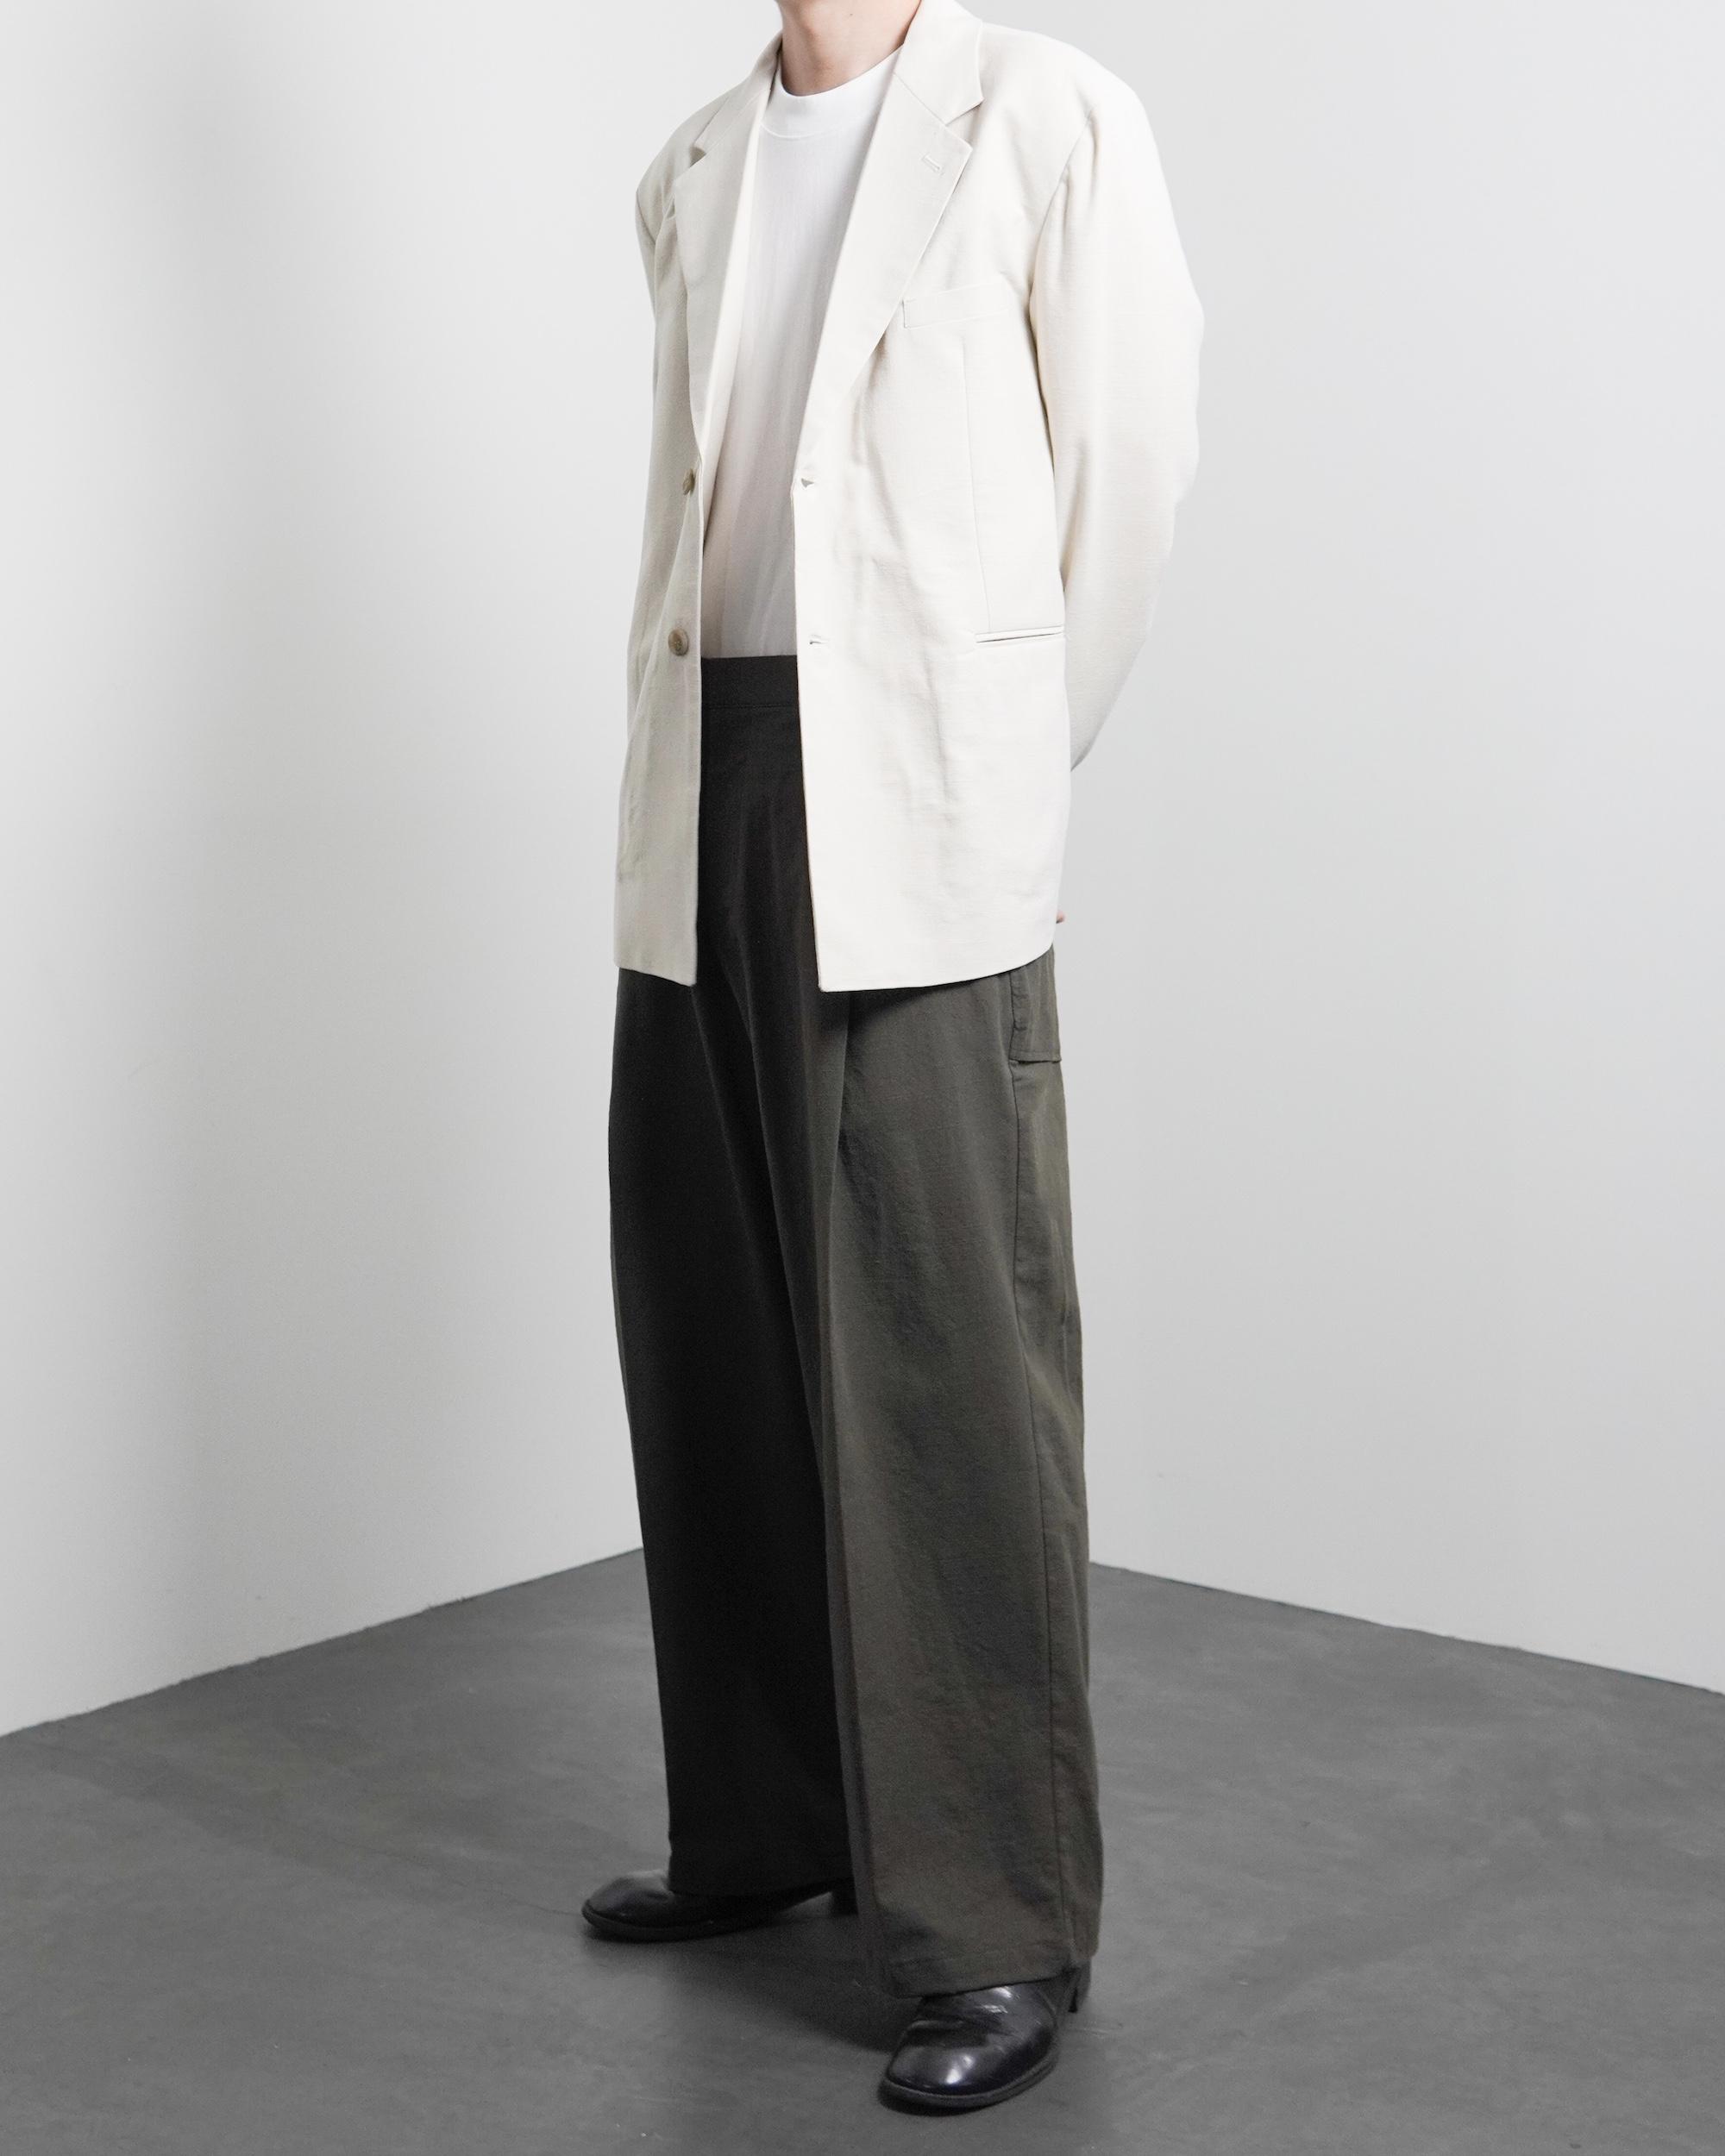 Promoción de Casual Blanco Blazer - Compra Casual Blanco